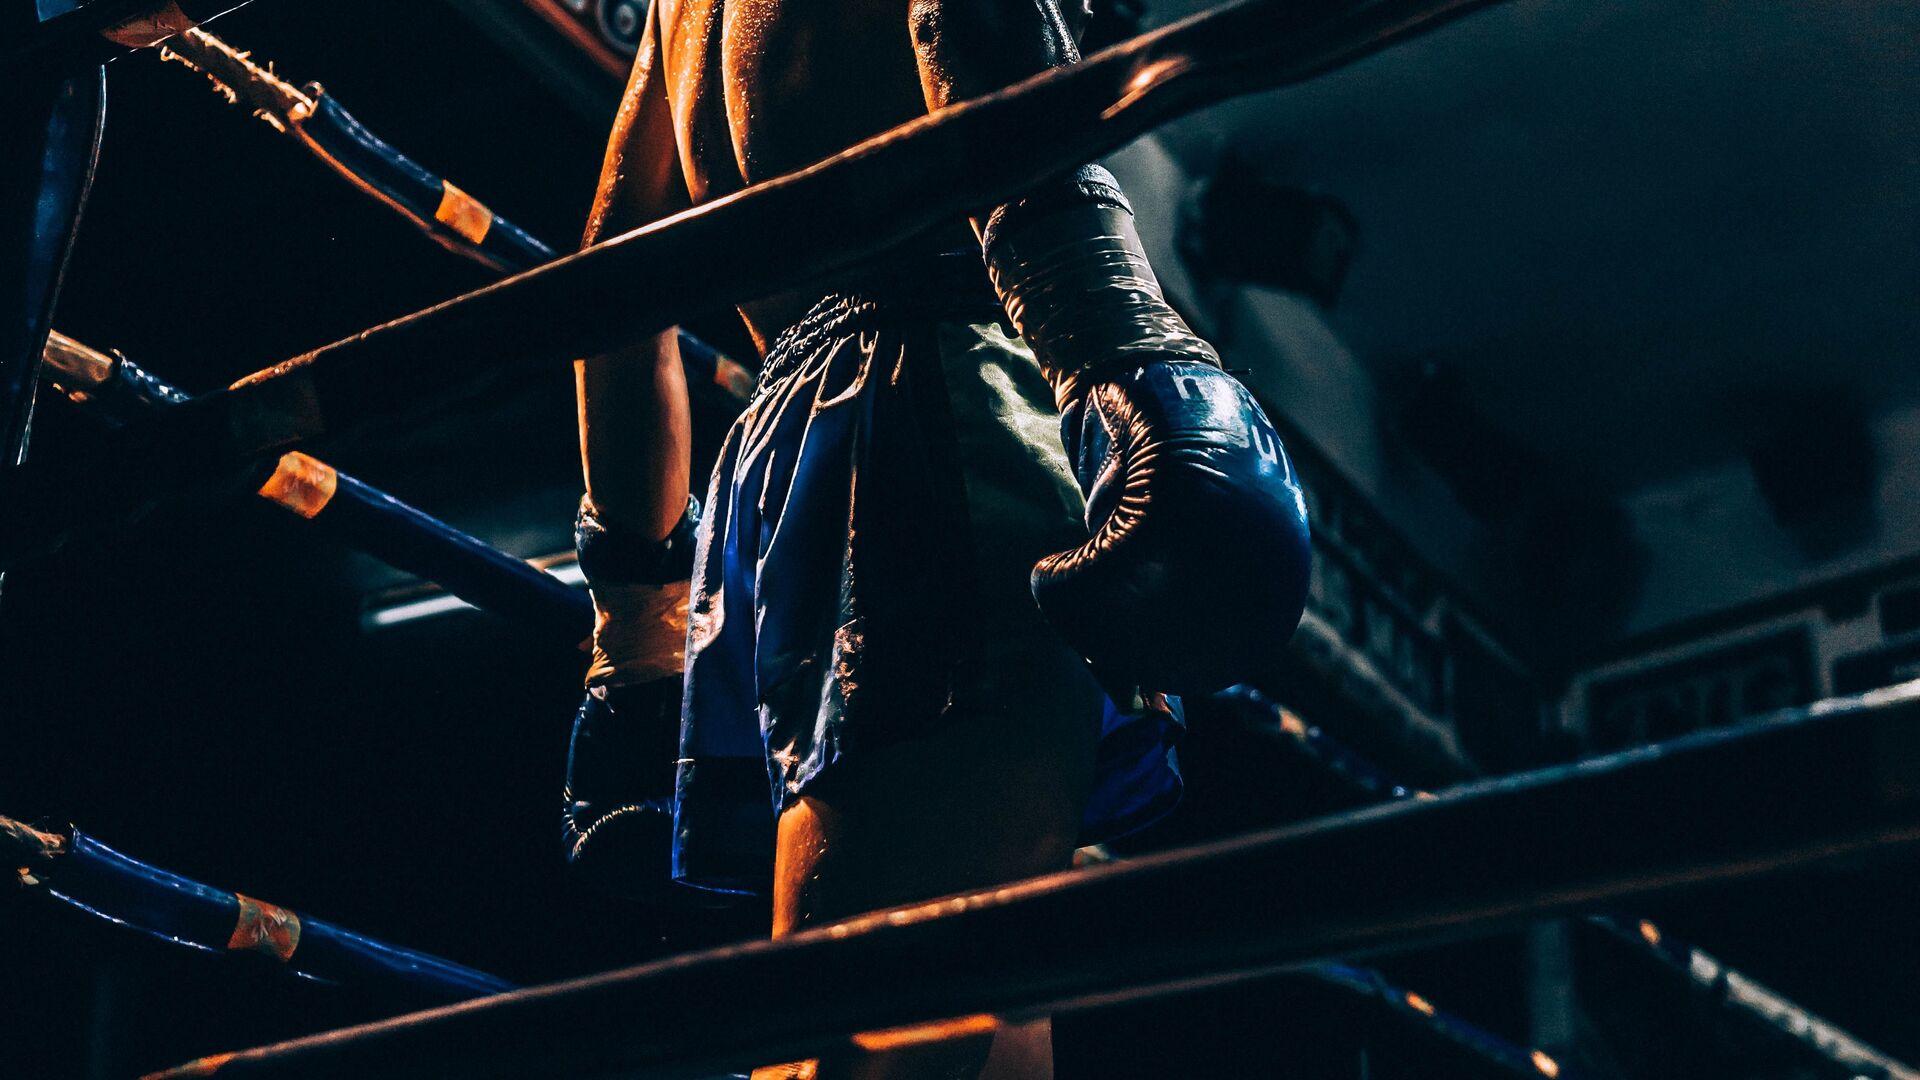 Un luchador de artes marciales mixtas, imagen referencial - Sputnik Mundo, 1920, 23.04.2021